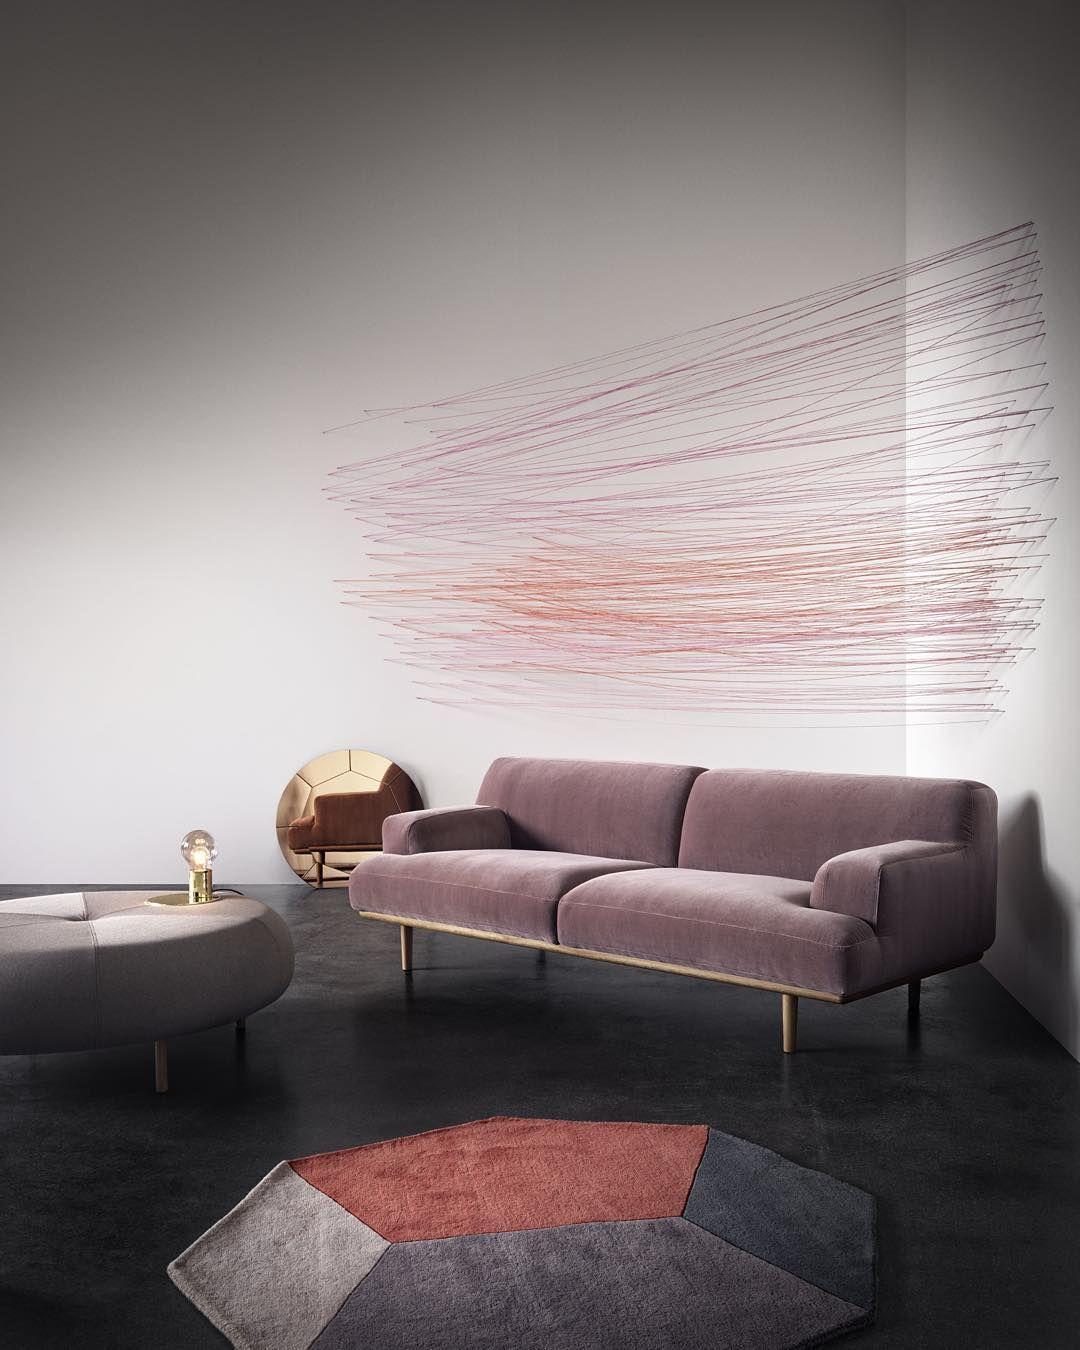 wohndesign wohnzimmer ideen einrichtungsideen luxus mbel wohnideen wwwbrabbu - Wohndesign Ideen